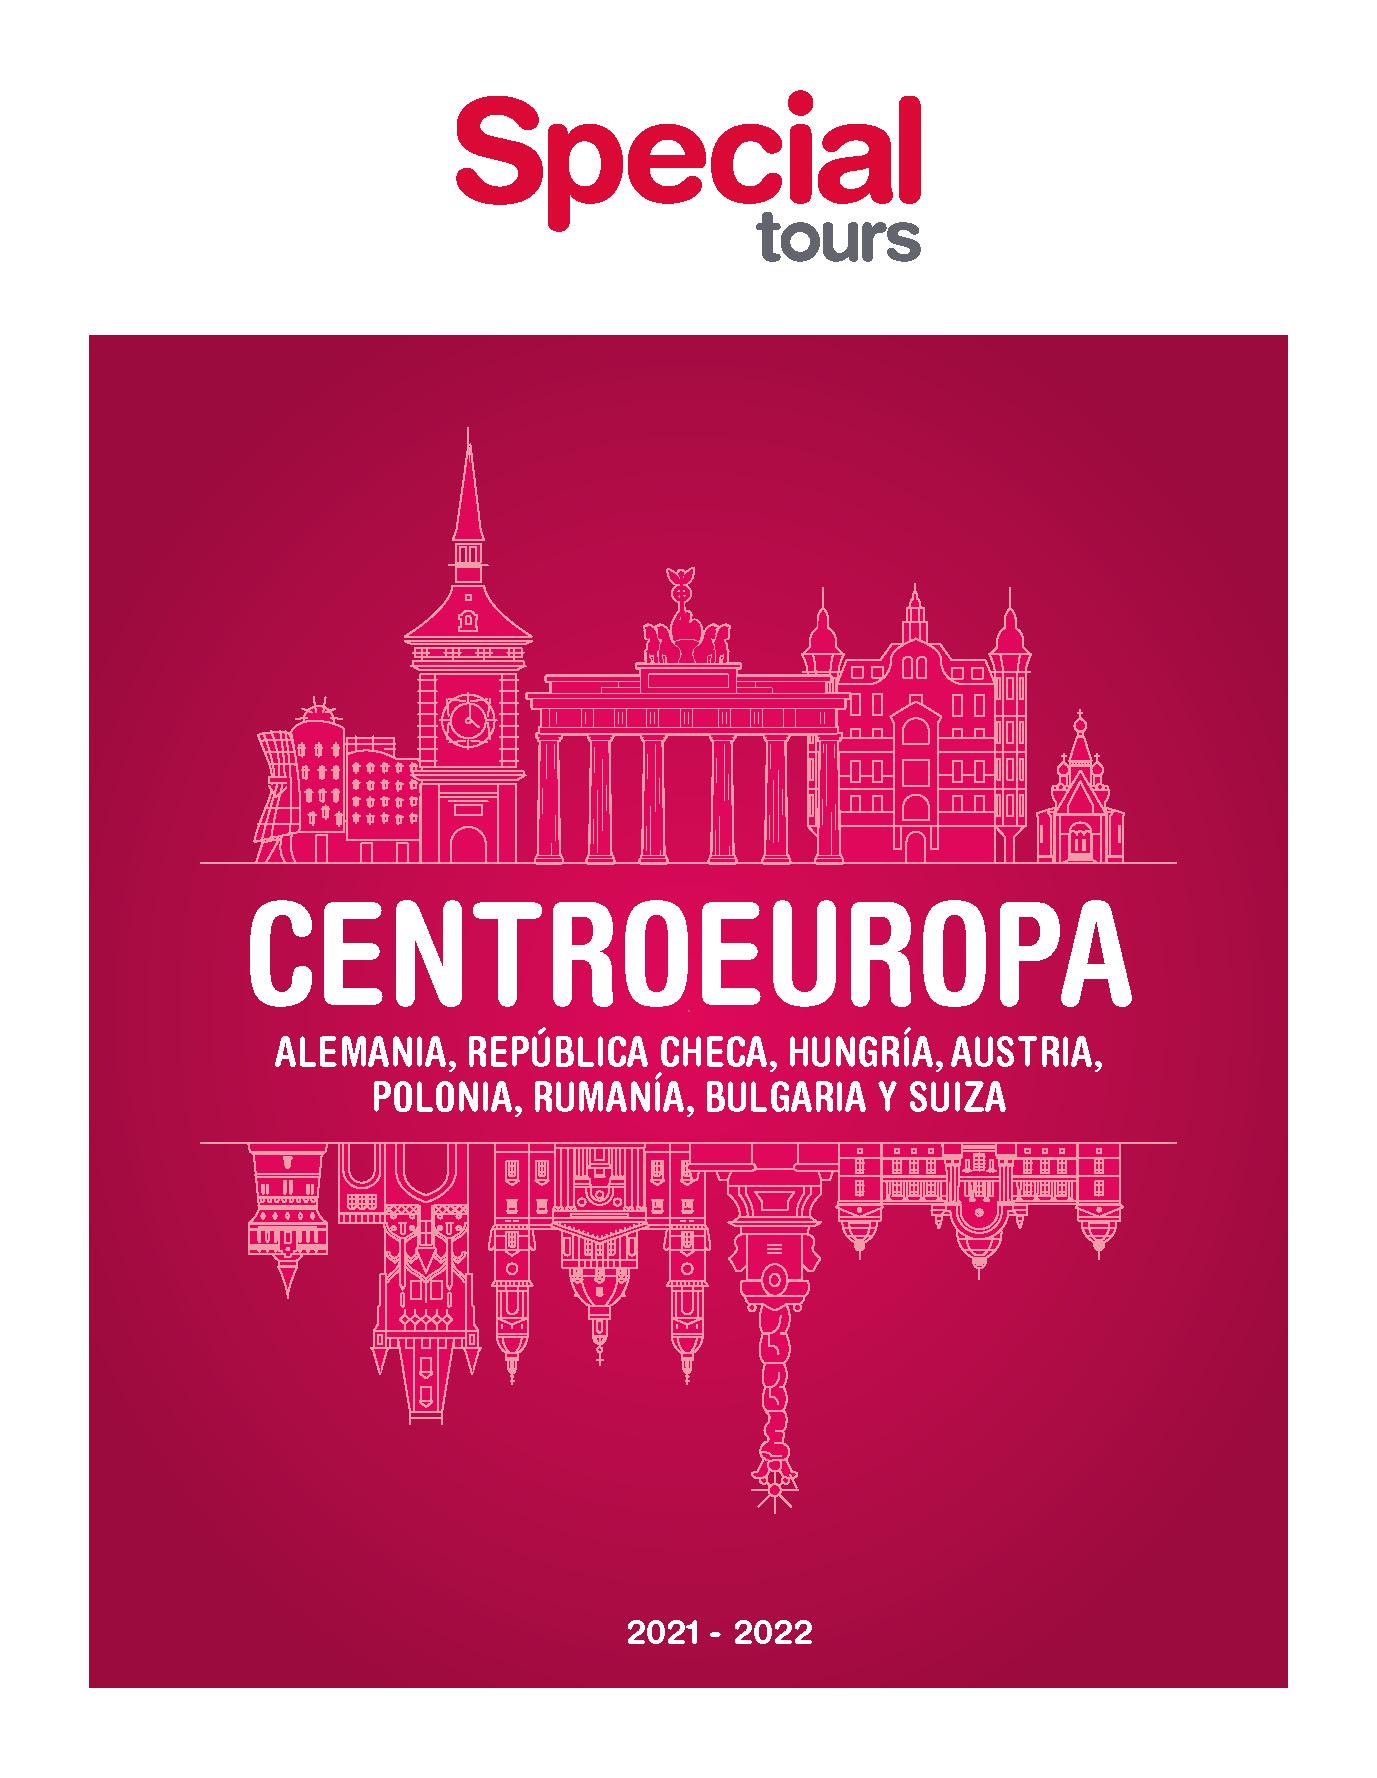 Catalogo Special Tours Centroeuropa 2021-2022